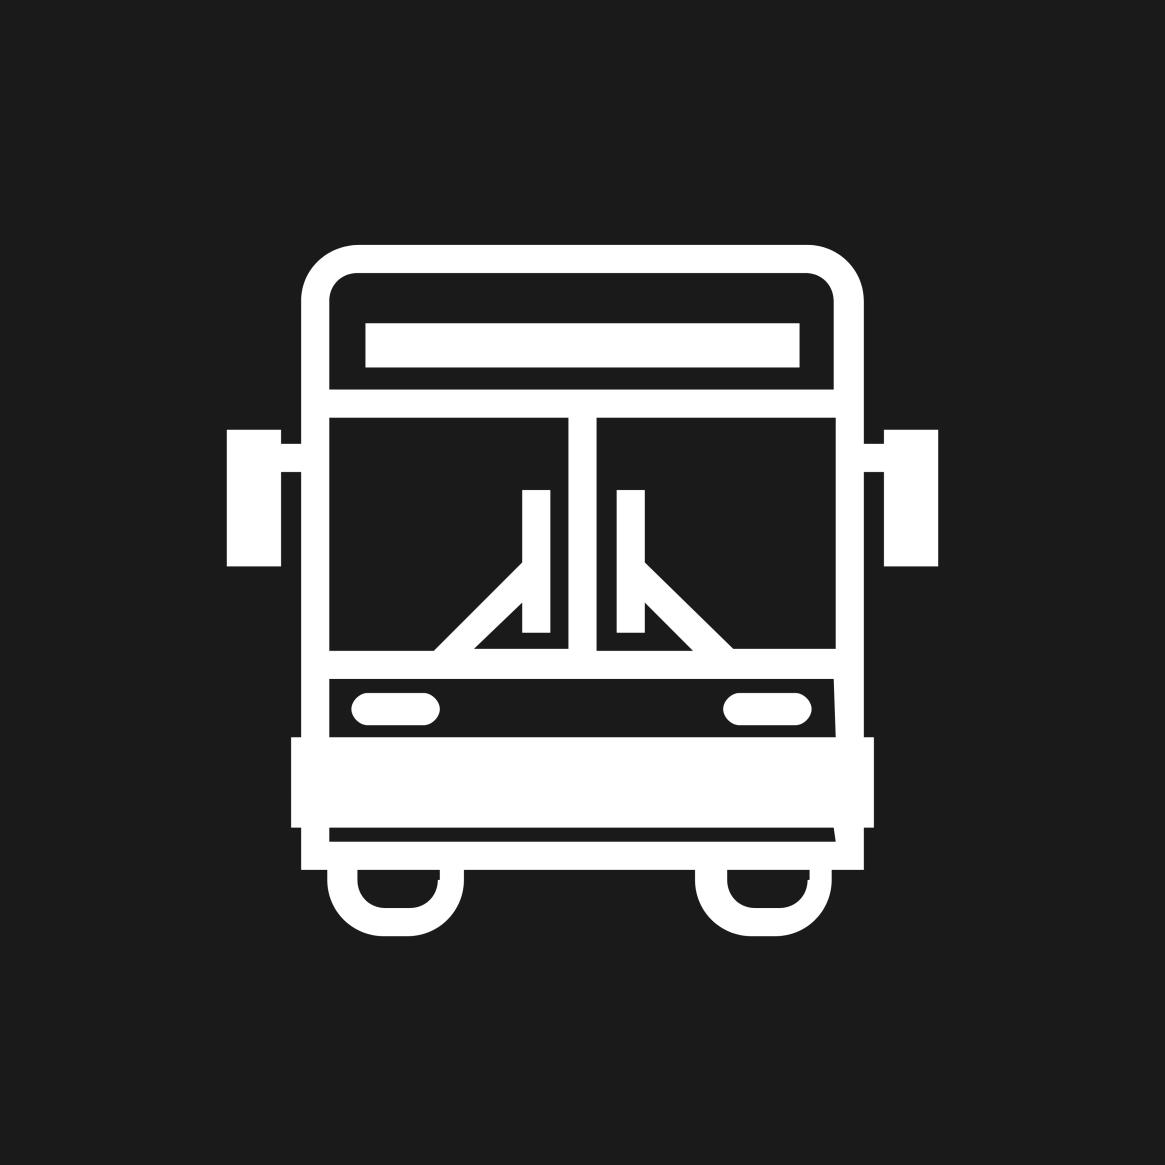 noun_Bus_541732